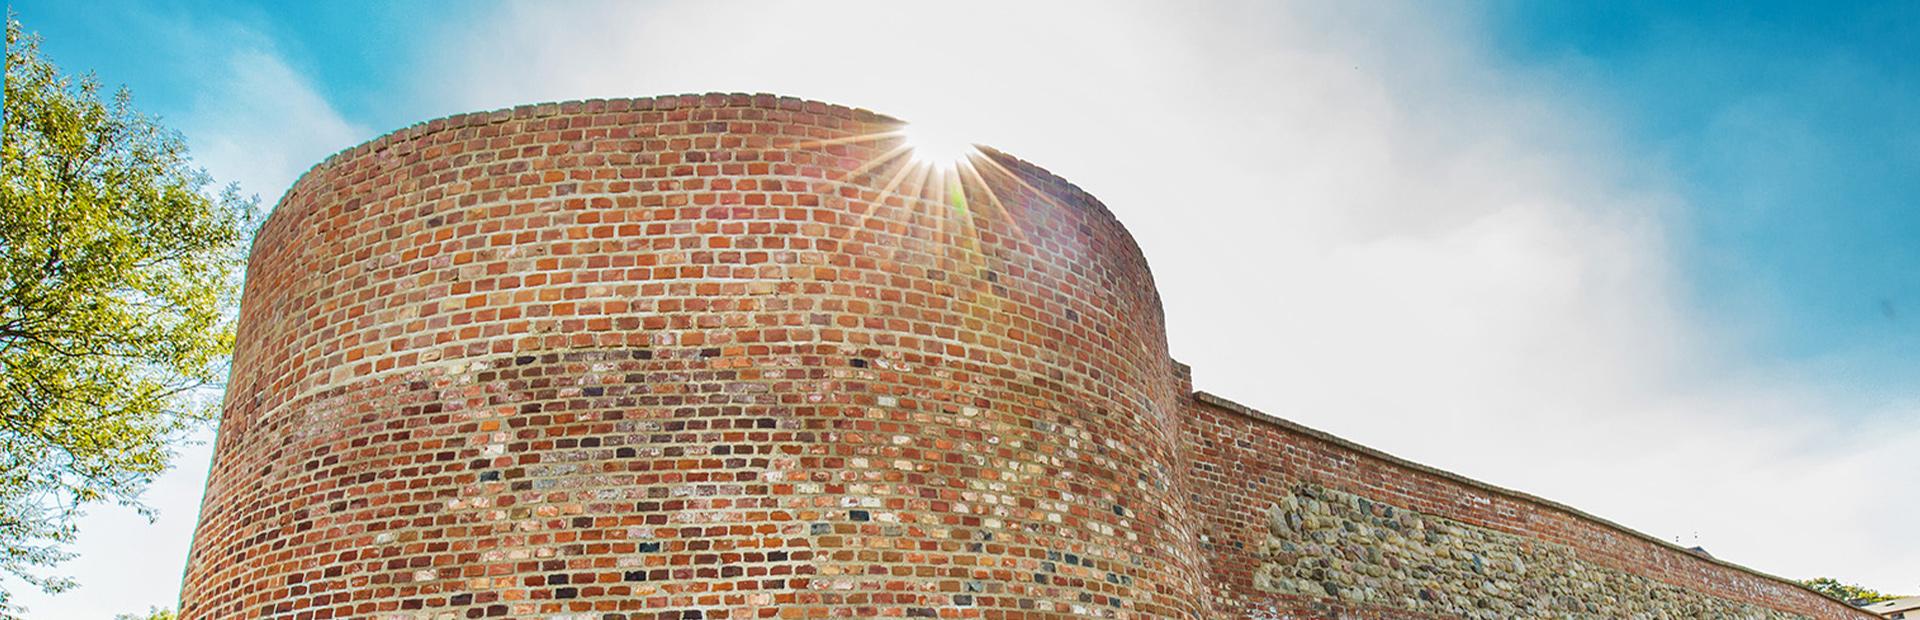 Zdjęcie przedstawia zbliżenie muru przez którego górą przedzierają się promienie słońca.